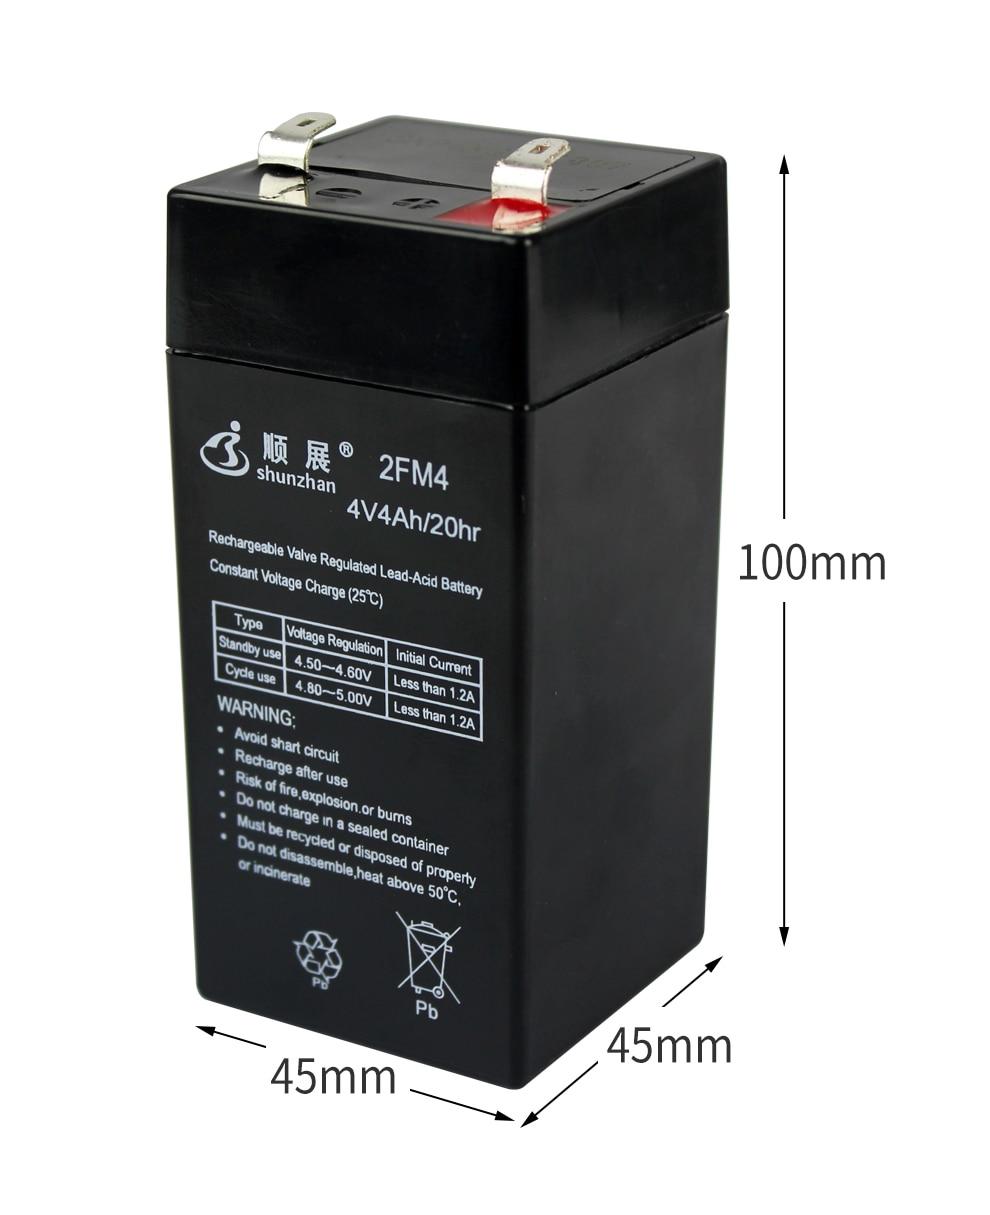 escala eletronica universal 4 v bateria 4 v4ah 20hr